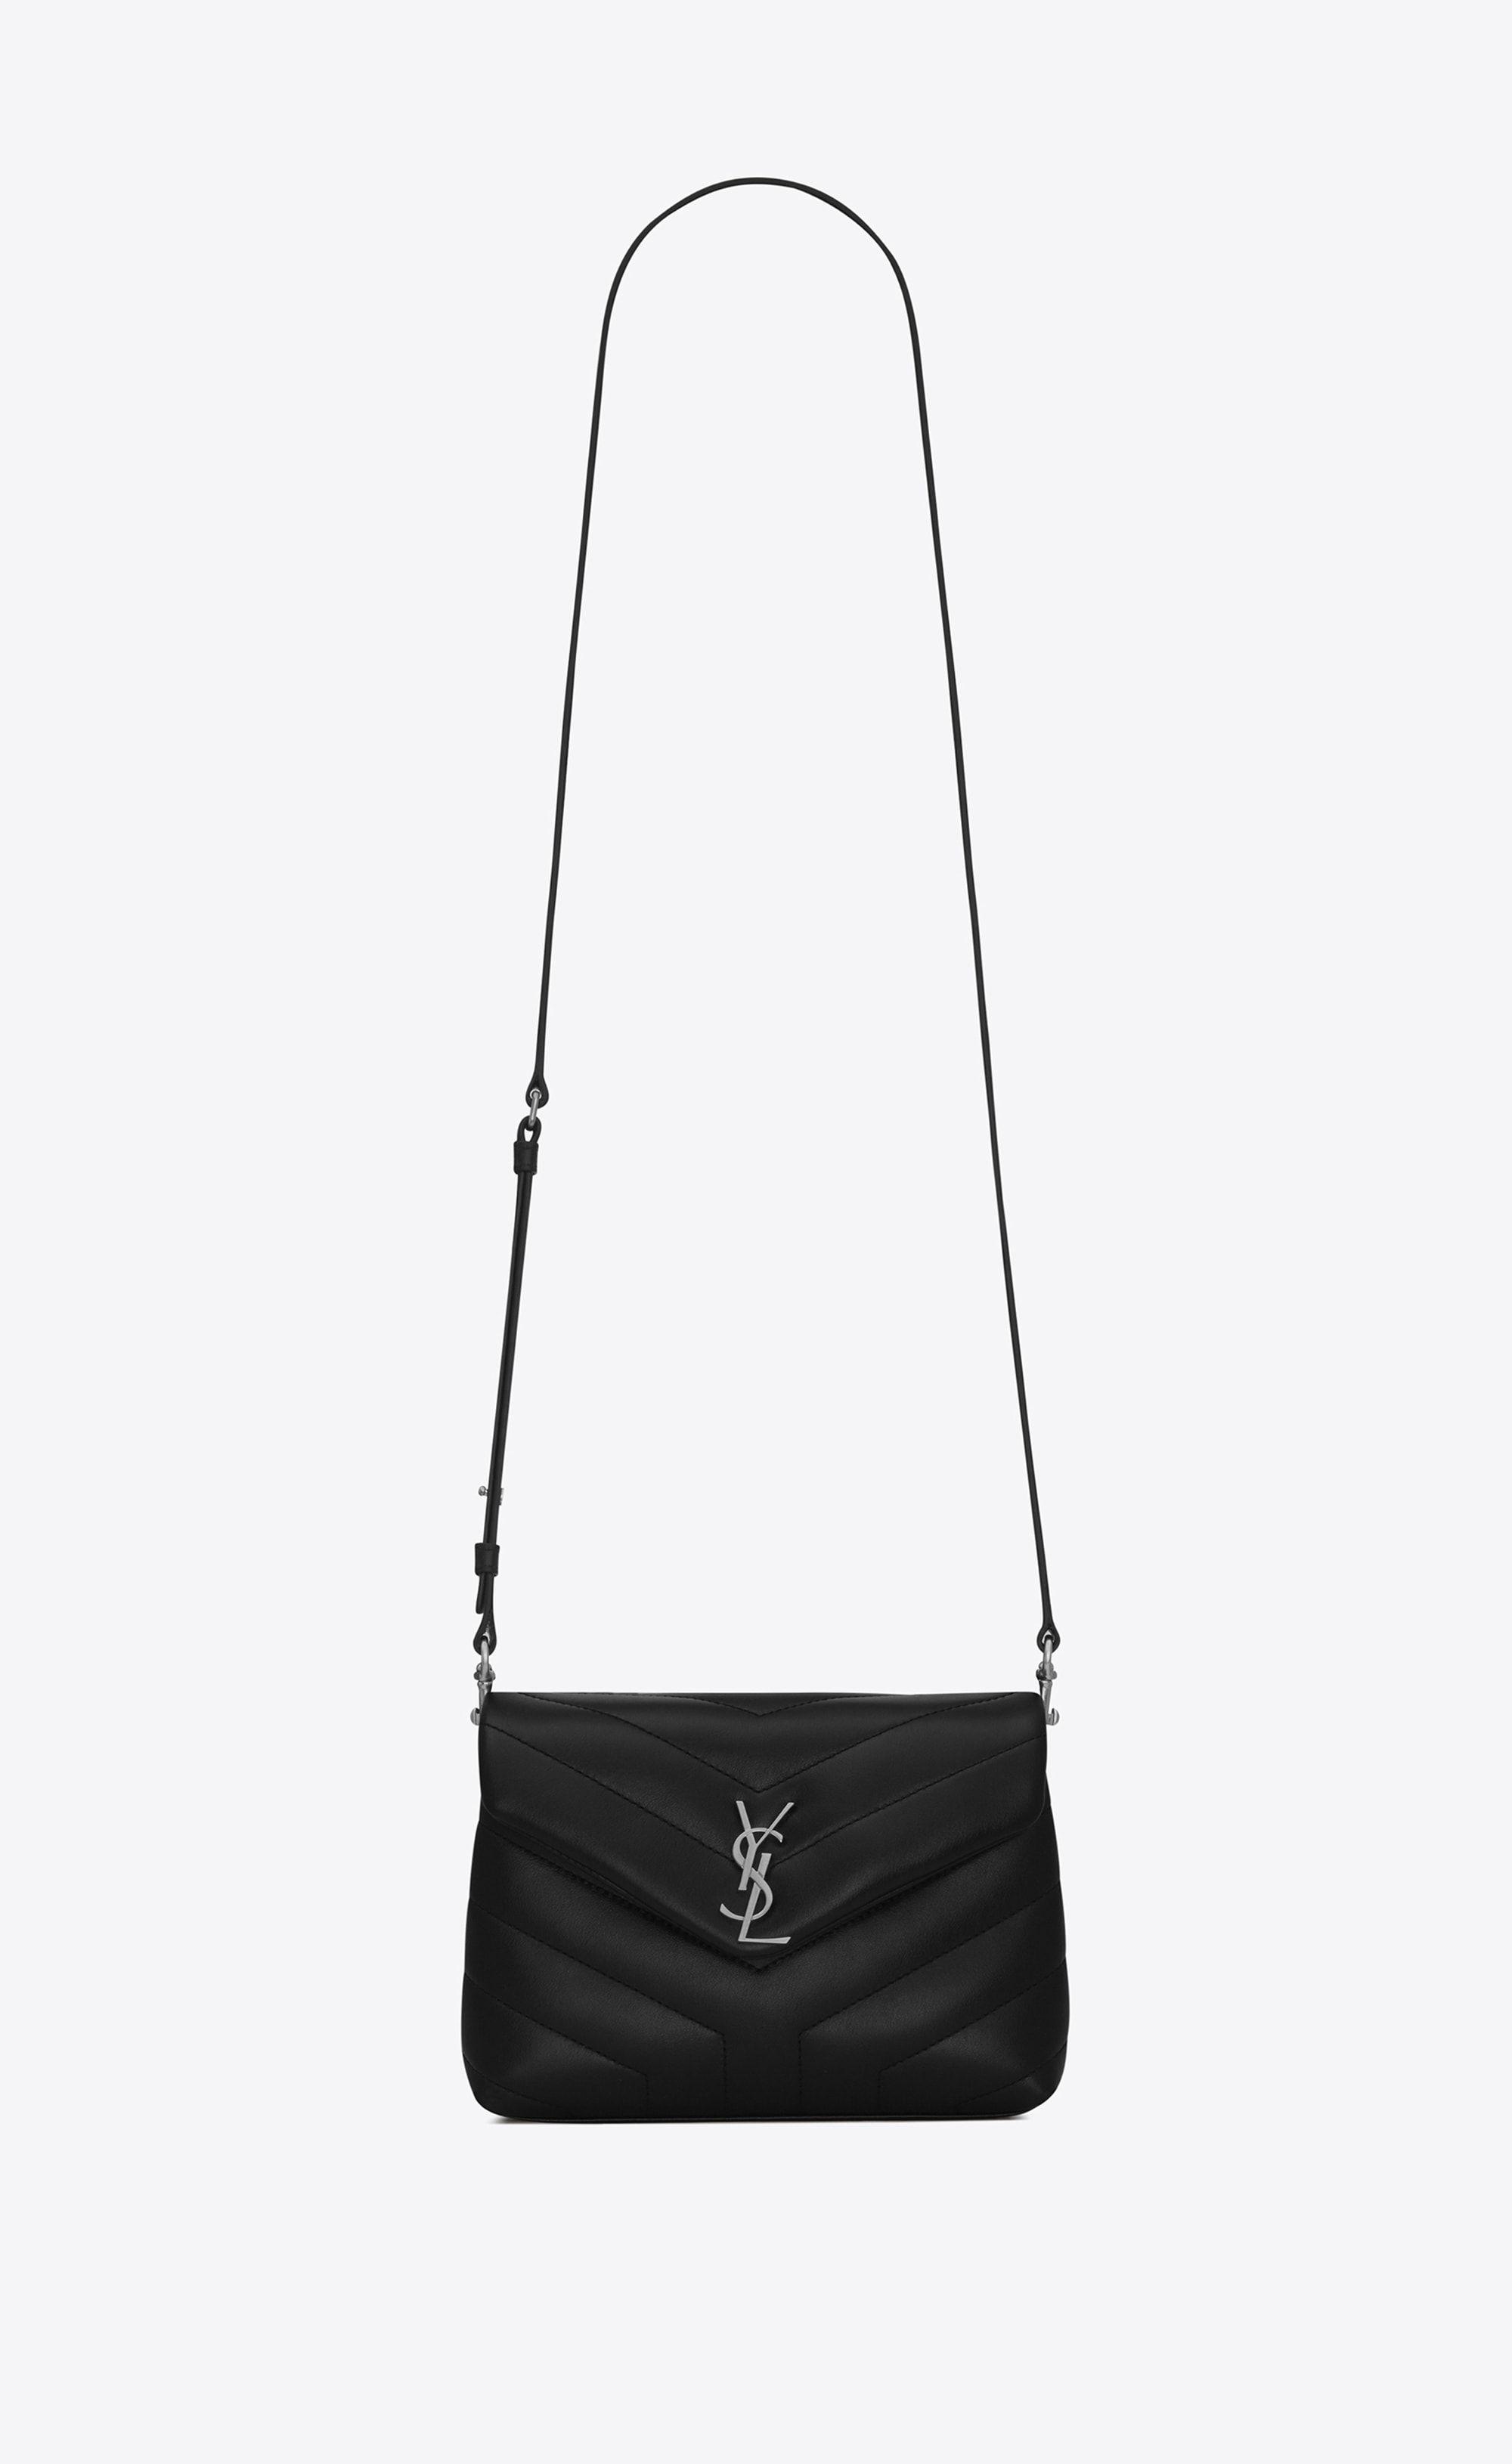 c6a88864d48c Saint Laurent Toy Loulou Strap Bag In Black